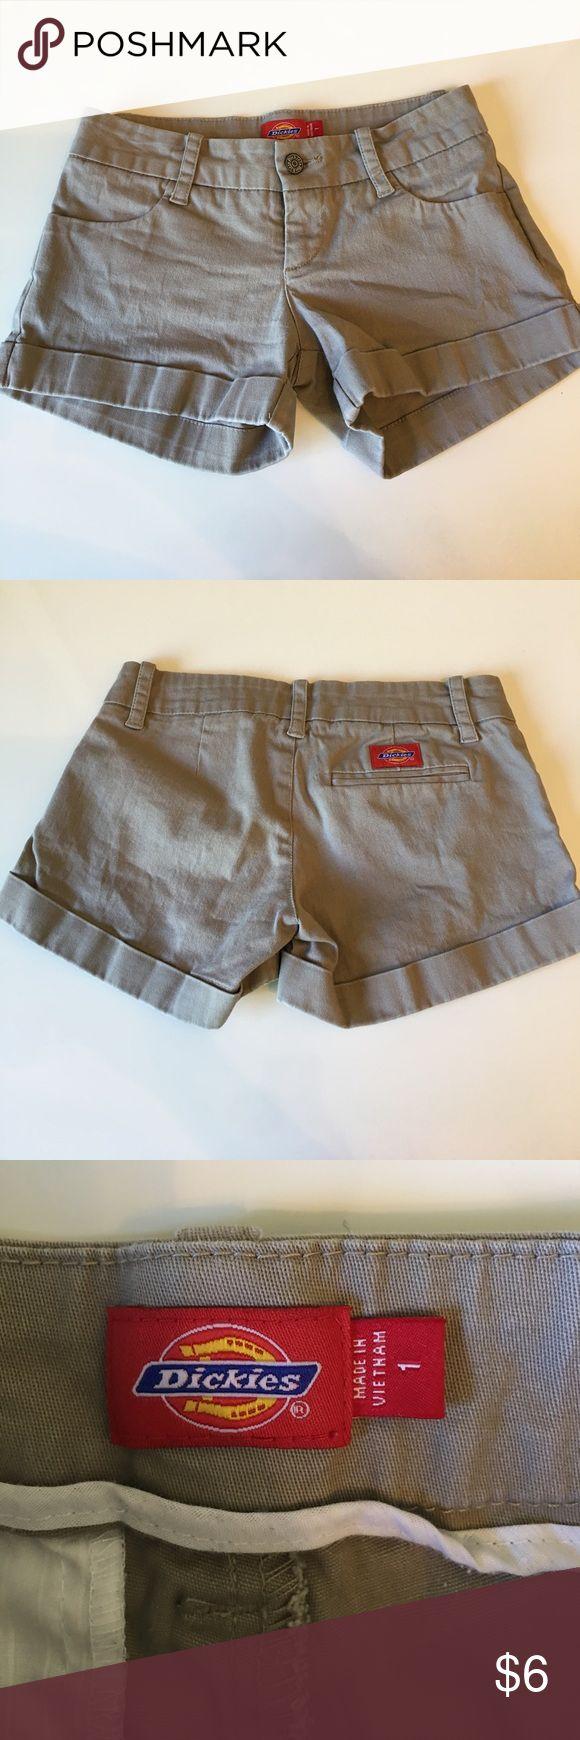 Cute Dickies shorts. Worn twice. Dickies Shorts